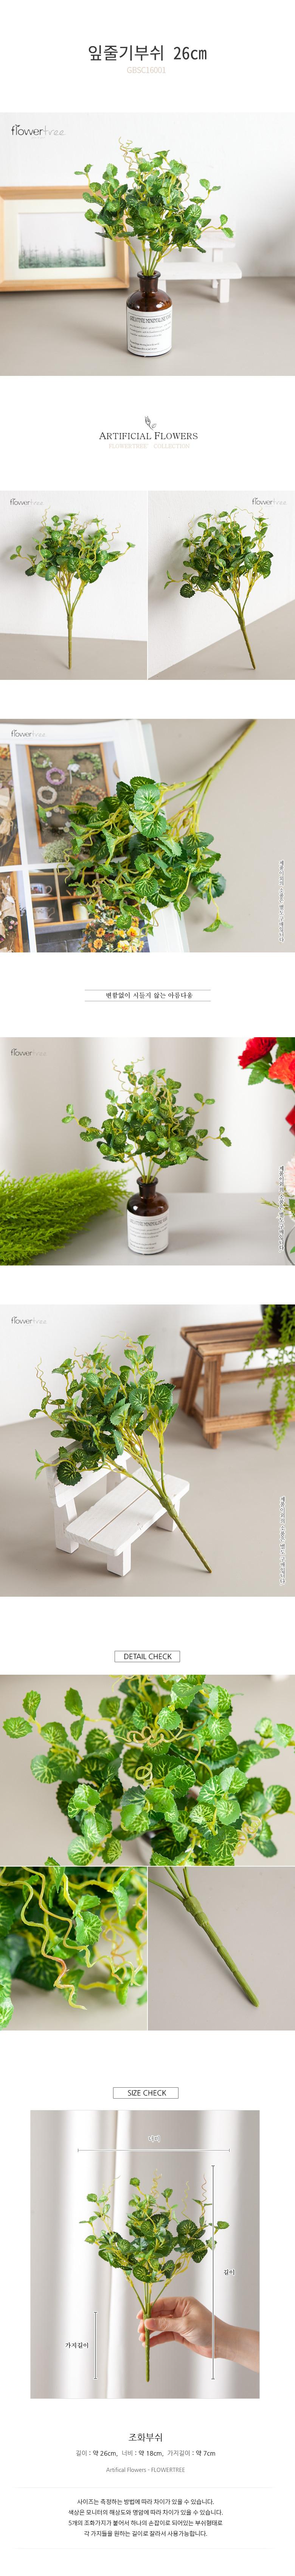 잎줄기부쉬 26cm 조화 식물 그린 인테리어 플렌테리어 FAIBFT3,900원-플라워트리인테리어, 플라워, 조화, 조화가지바보사랑잎줄기부쉬 26cm 조화 식물 그린 인테리어 플렌테리어 FAIBFT3,900원-플라워트리인테리어, 플라워, 조화, 조화가지바보사랑